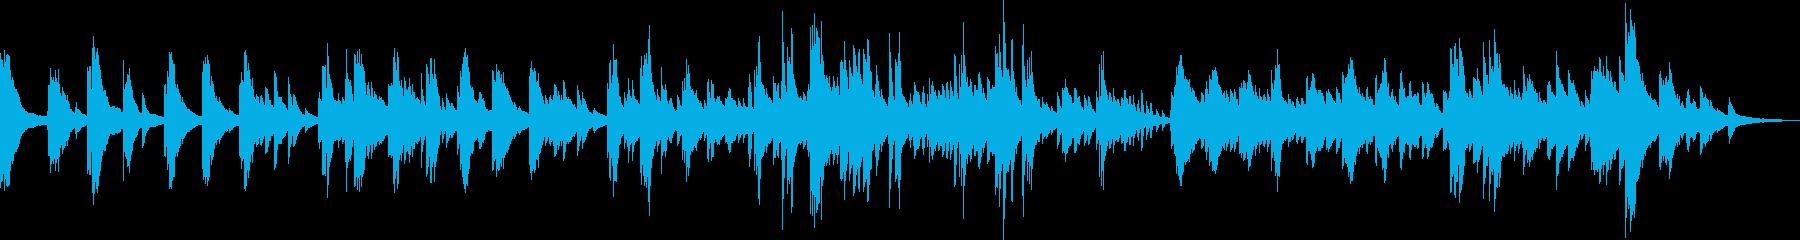 悲劇のピアノバラード(悲しい・切ない)の再生済みの波形